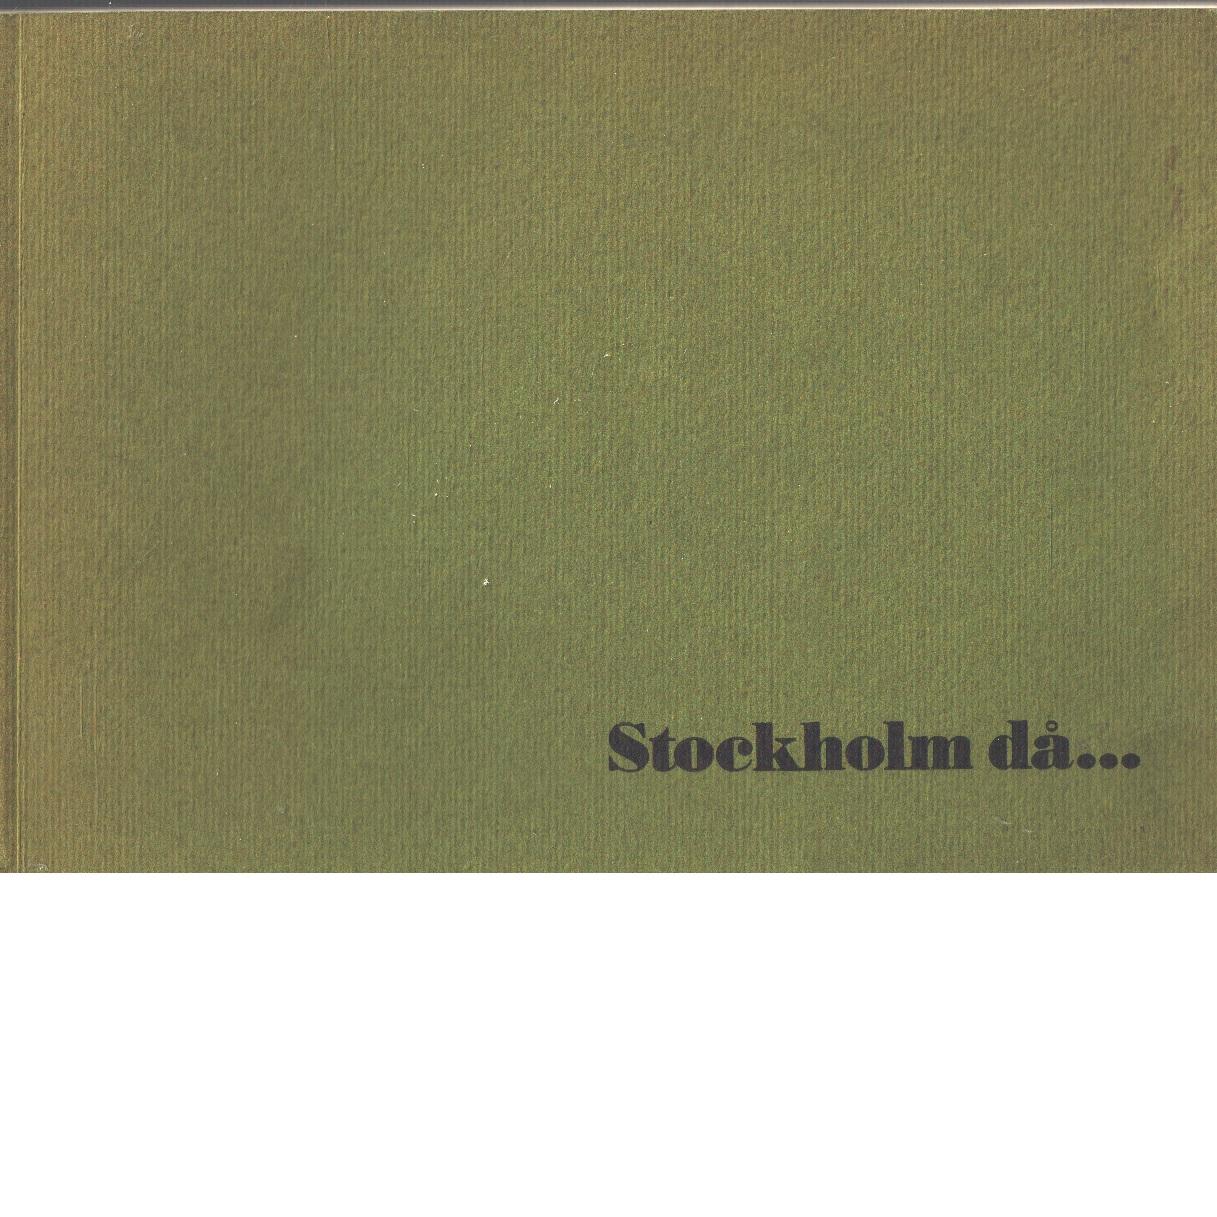 Stockholm då ... : ett urval bilder ur privata familjealbum berättar om en period av en gammal stads historia / - Red.